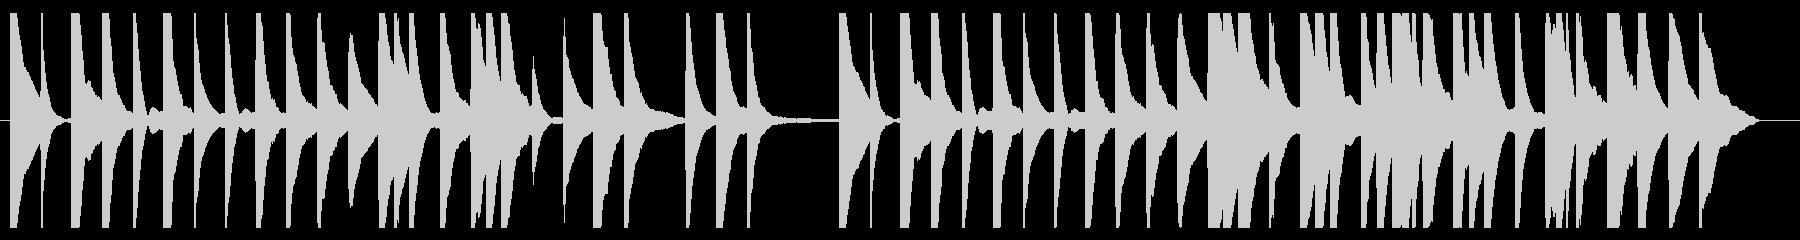 1分・CM・素朴なピアノメロディーソロの未再生の波形